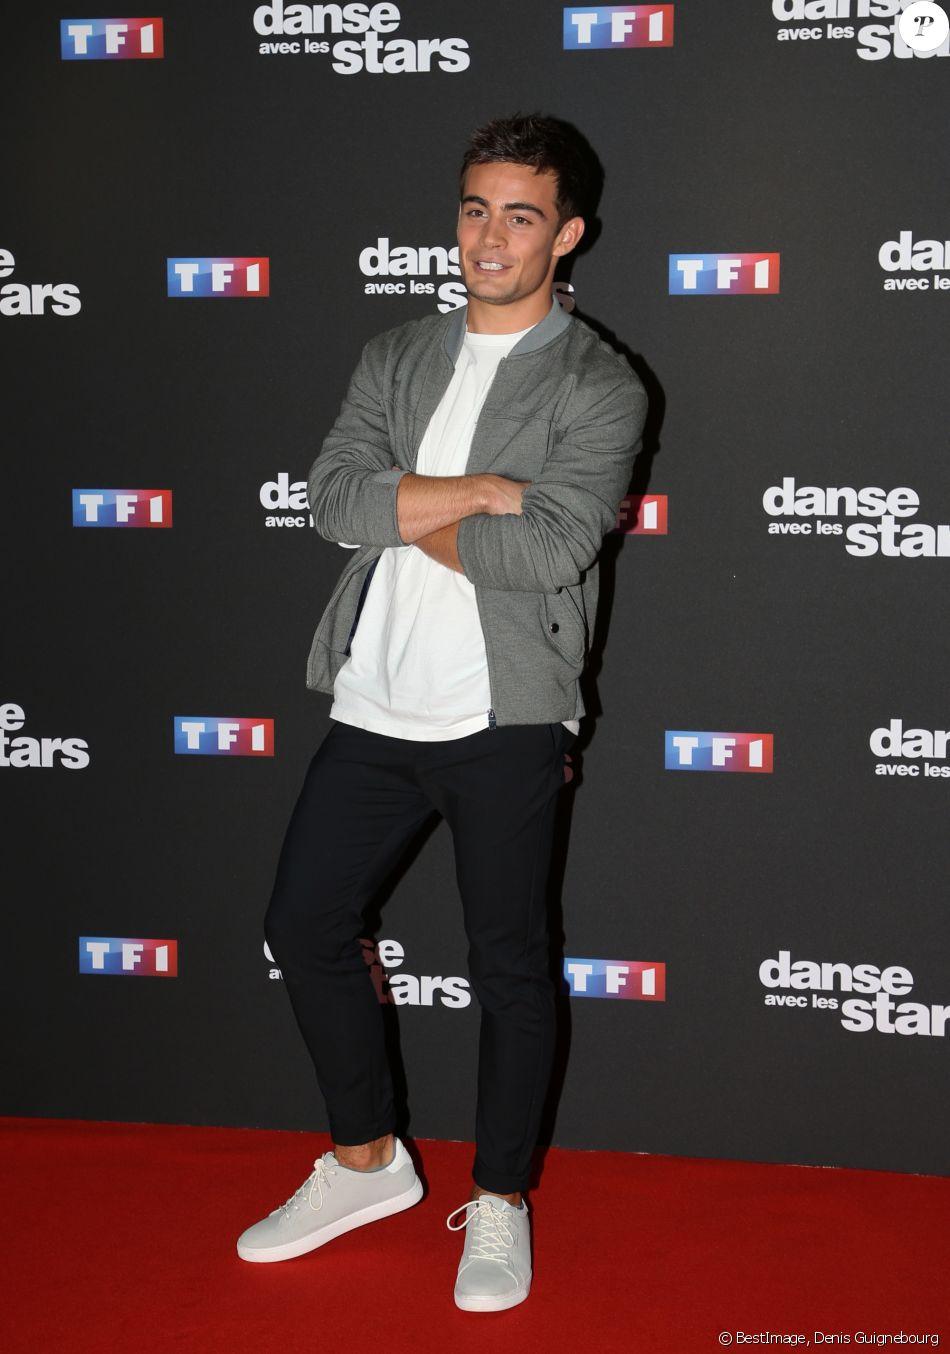 """Clément Remiens - Photocall de la saison 9 de l'émission """"Danse avec les stars"""" (DALS) au siège de TF1 à Boulogne-Billancourt le 11 septembre 2018. © Denis Guignebourg/Bestimage"""